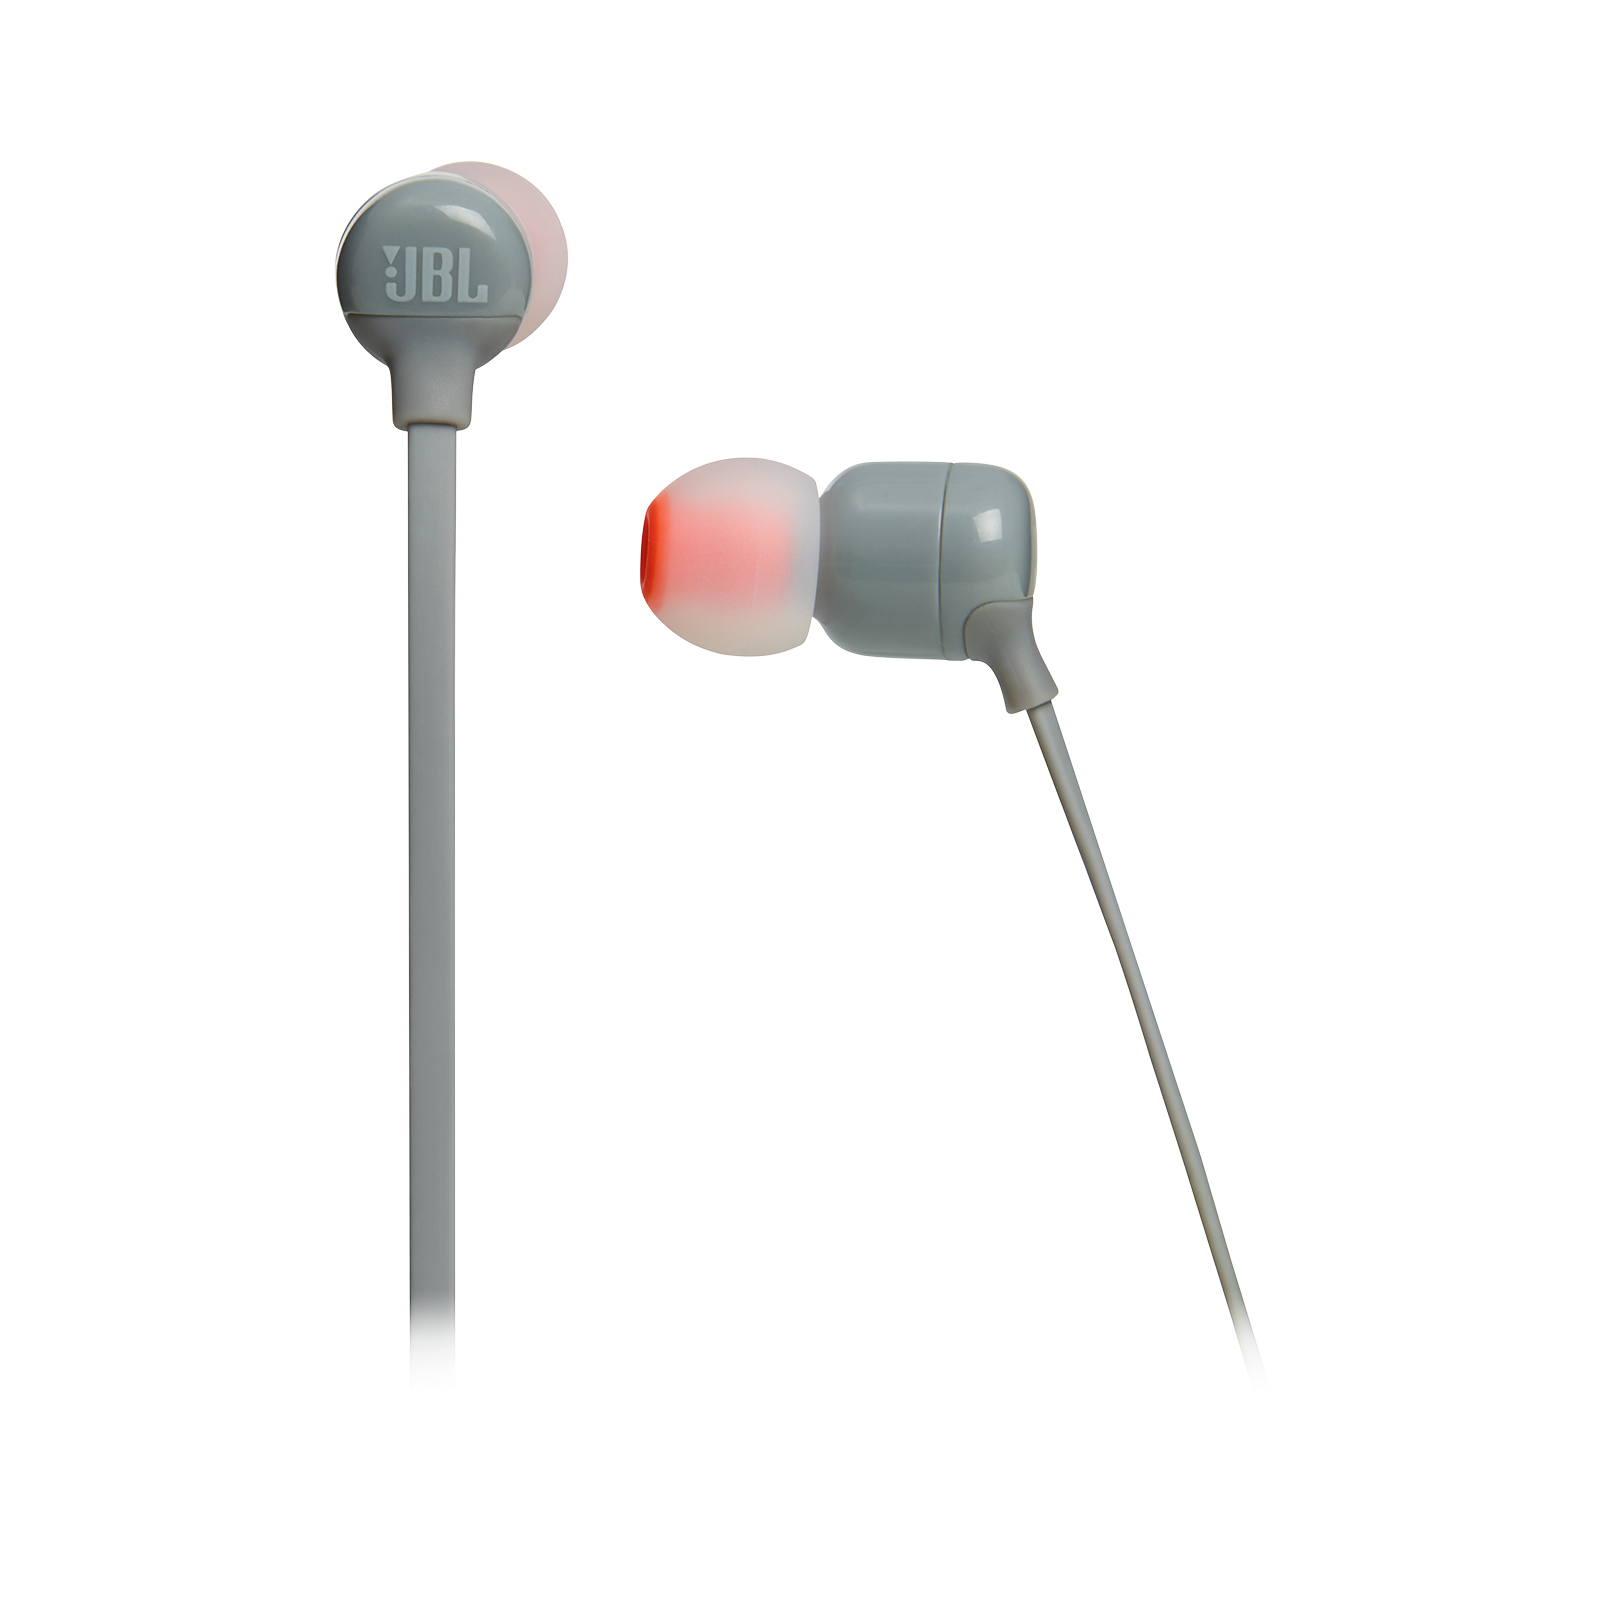 JBL TUNE 110BT - Grey - Wireless in-ear headphones - Detailshot 3